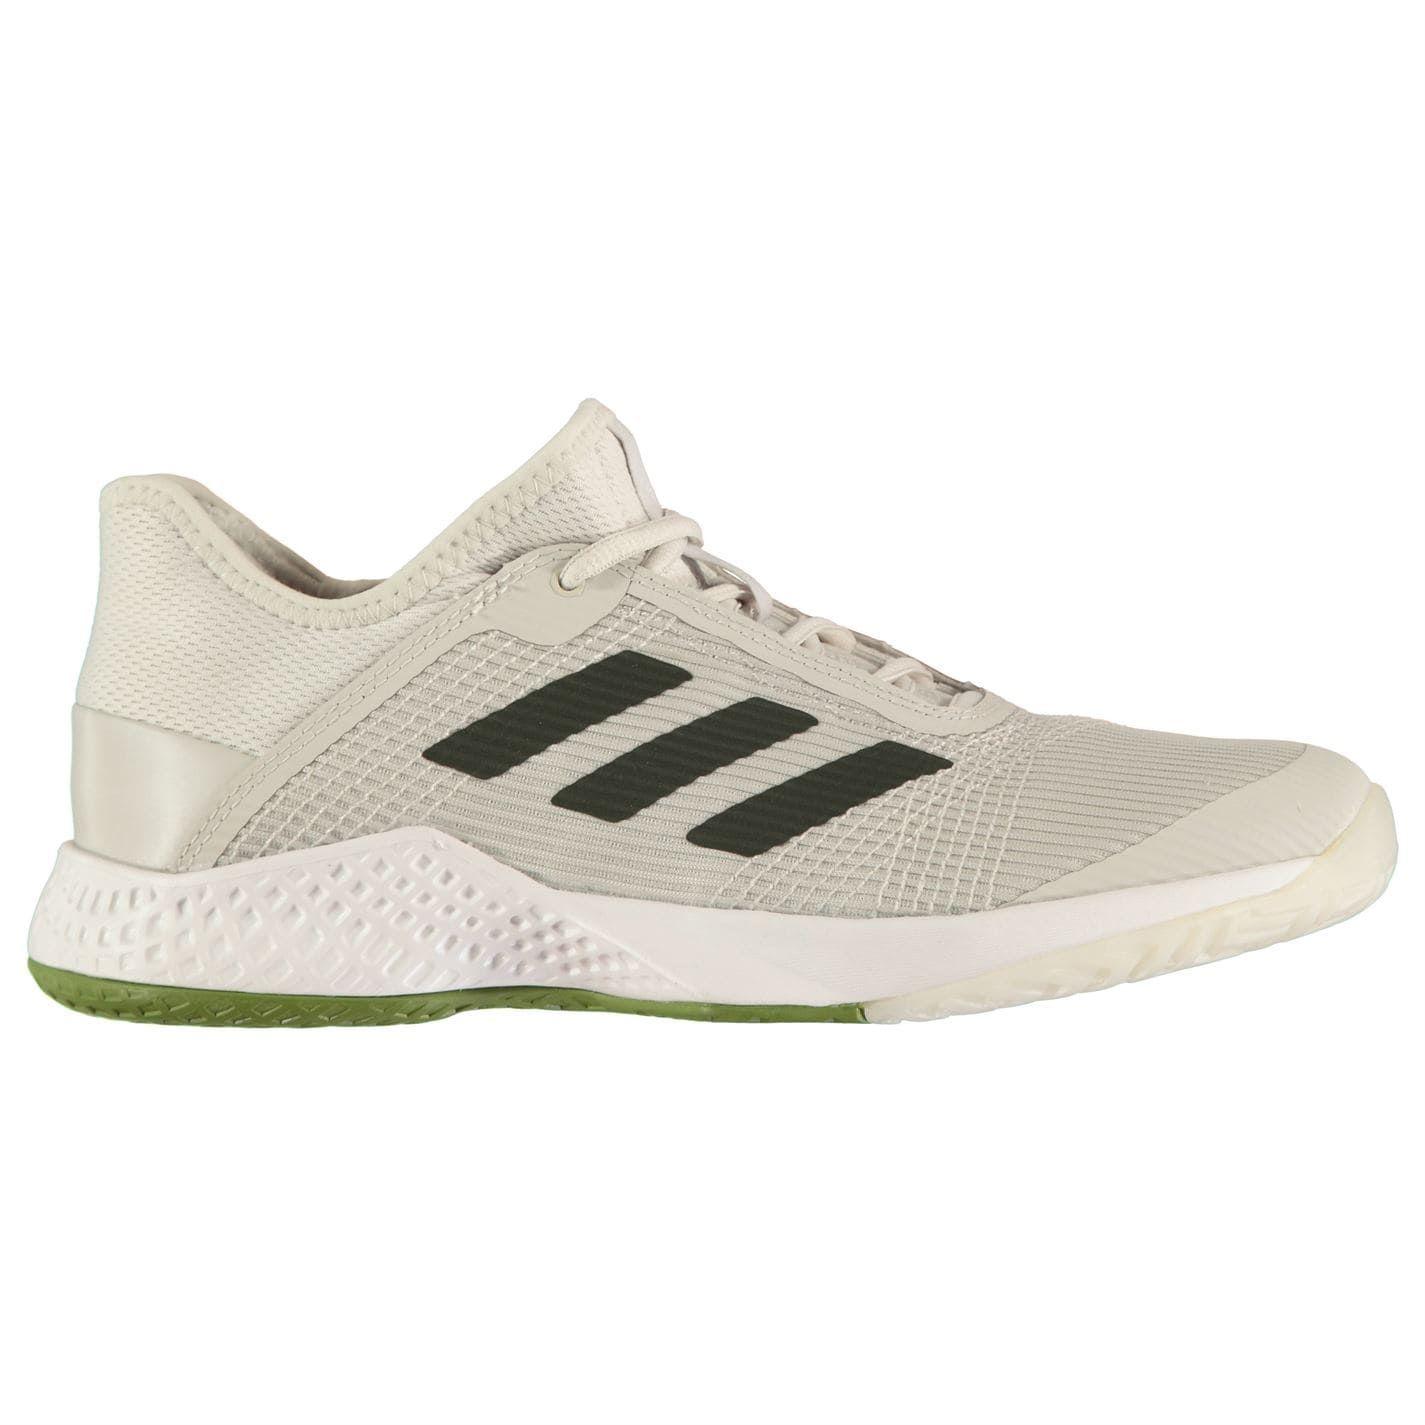 Adidas Adizero Club Ανδρικά Αθλητικά Παπούτσια